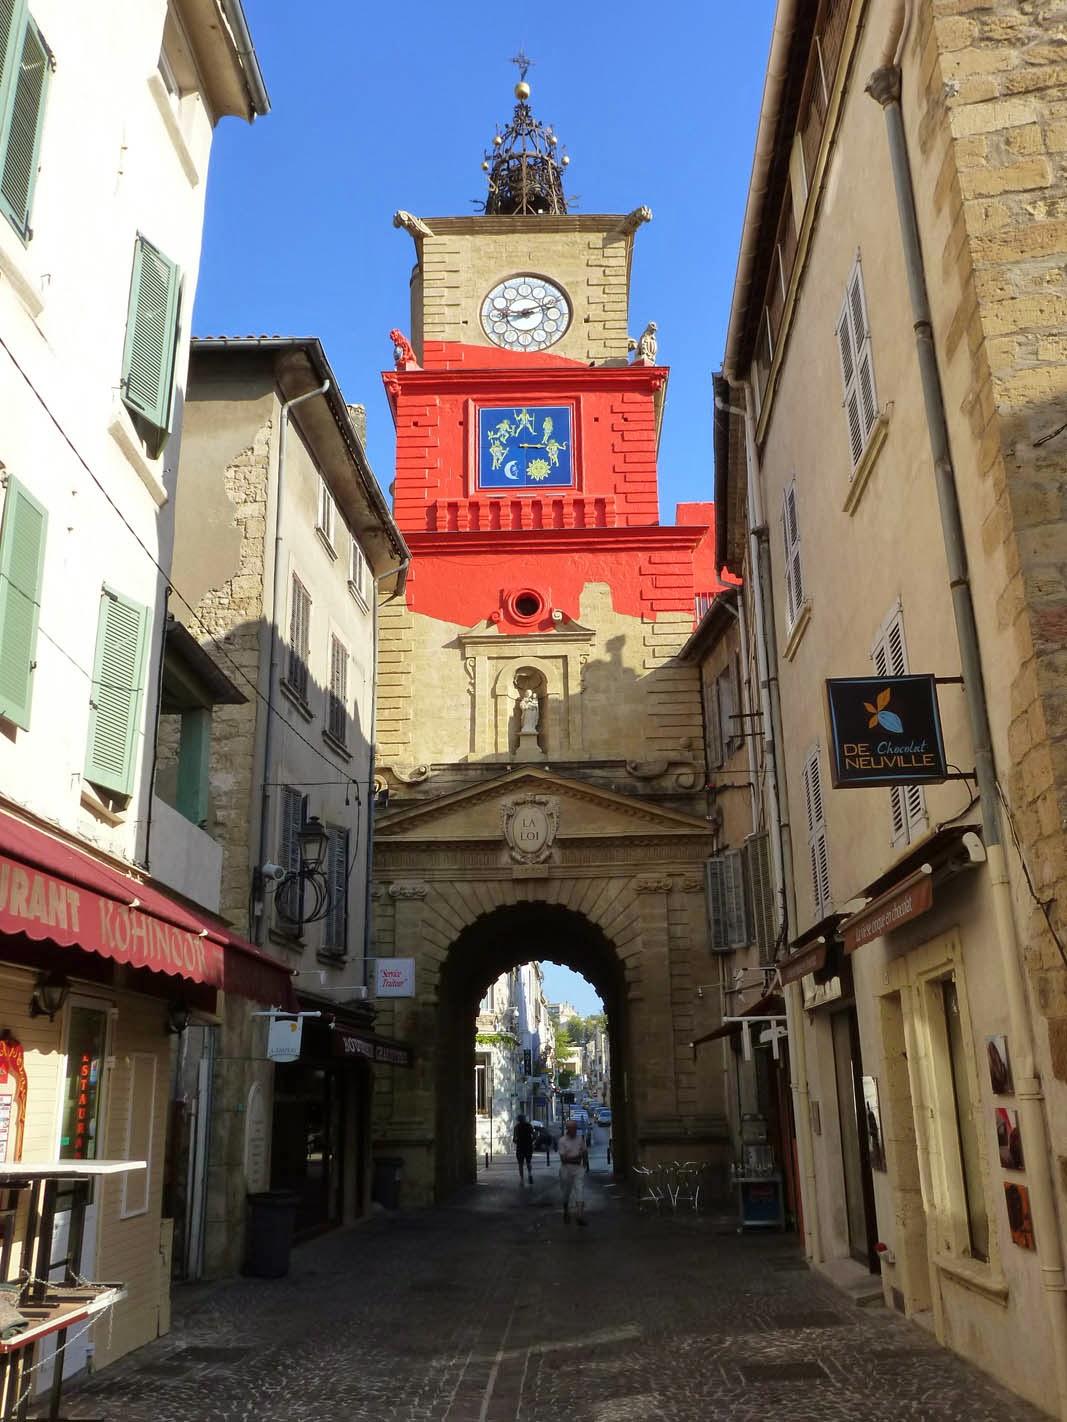 Petites histoires sur l 39 architecture des ronds rouges sur for Porte de l horloge salon de provence